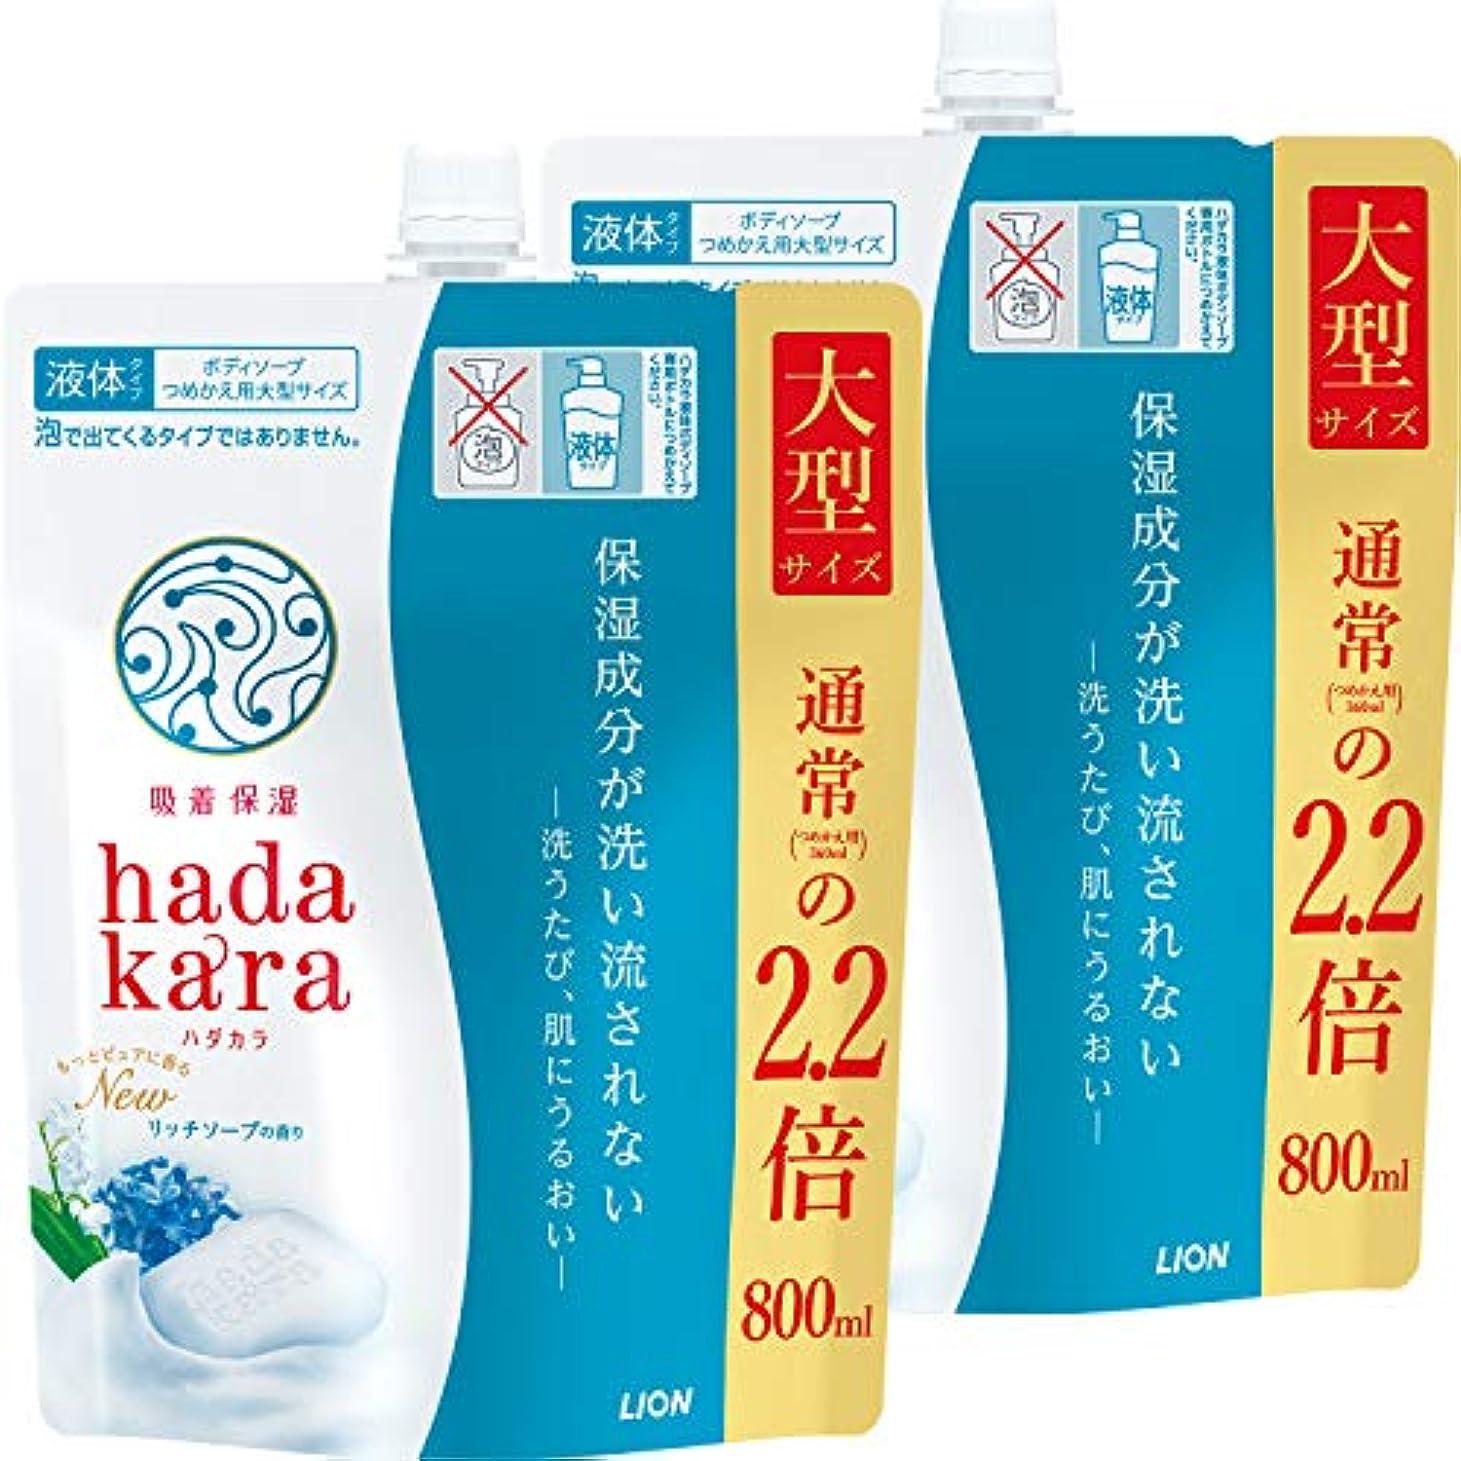 休み信頼被るhadakara(ハダカラ) ボディソープ リッチソープの香り つめかえ用大型サイズ 800ml×2個